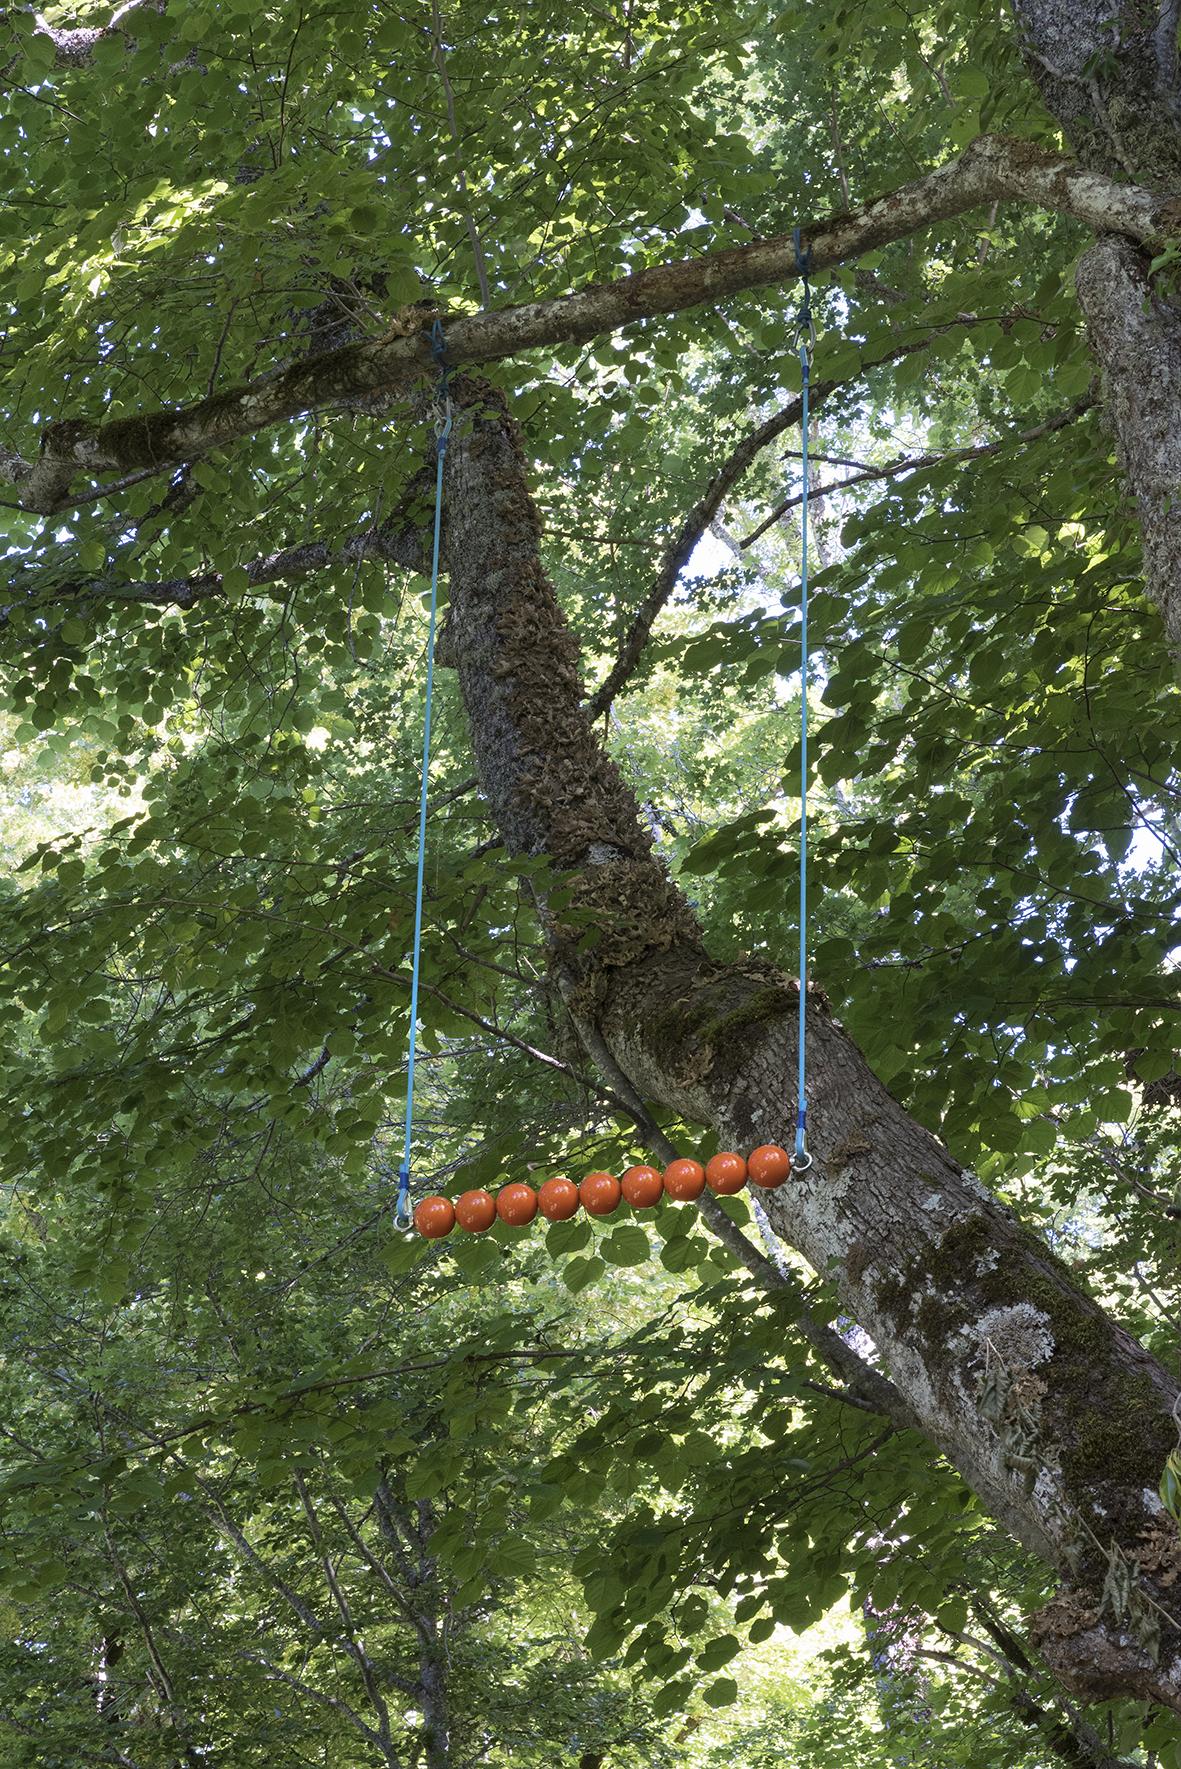 trapeze,Anne Marie Rognon, Saint-Flour